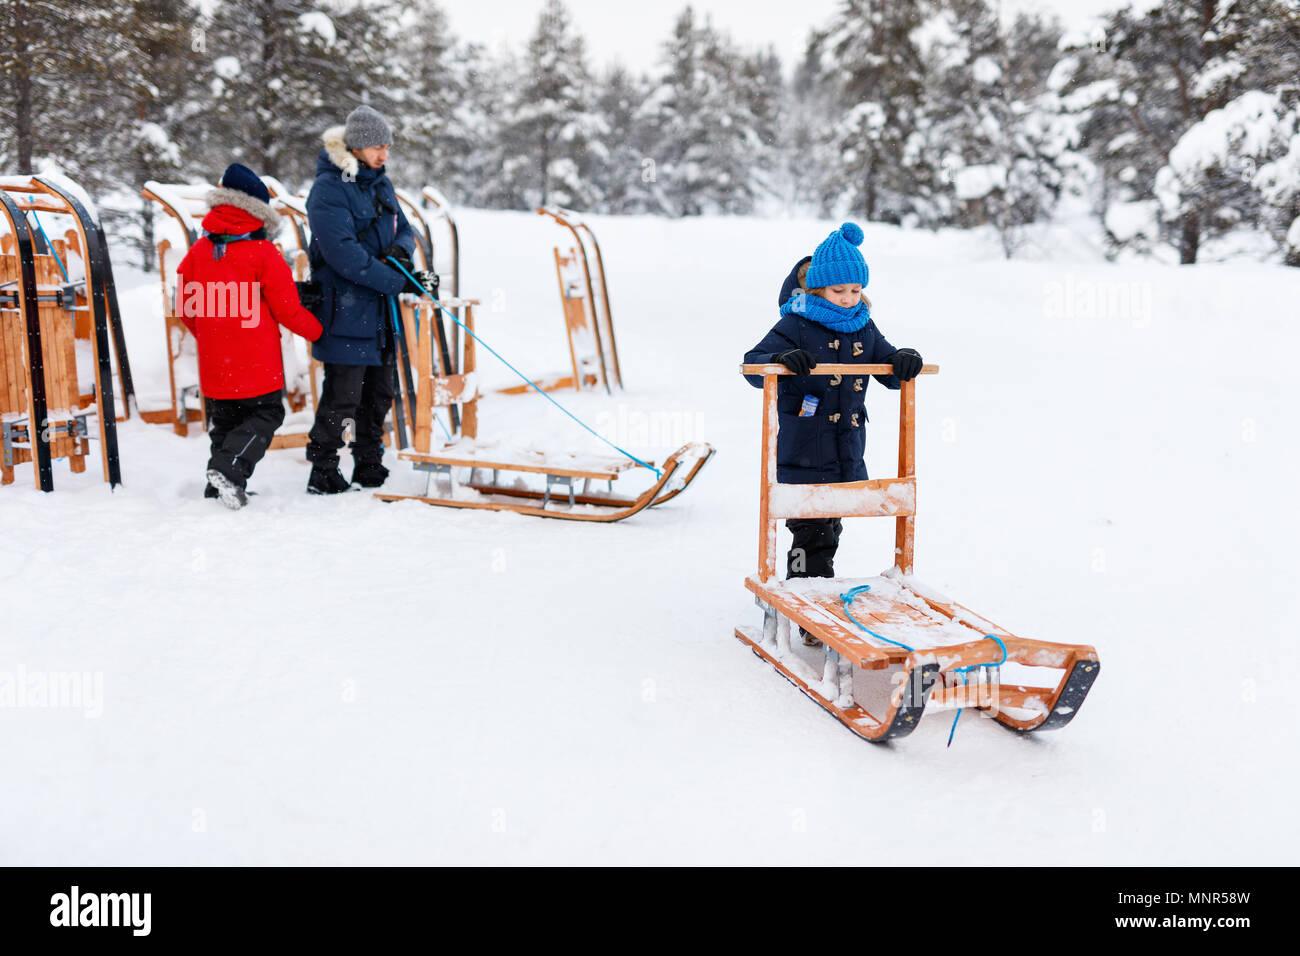 Hermosa familia del padre e hijos disfrutando día nevado de invierno al aire libre diversión trineo Imagen De Stock